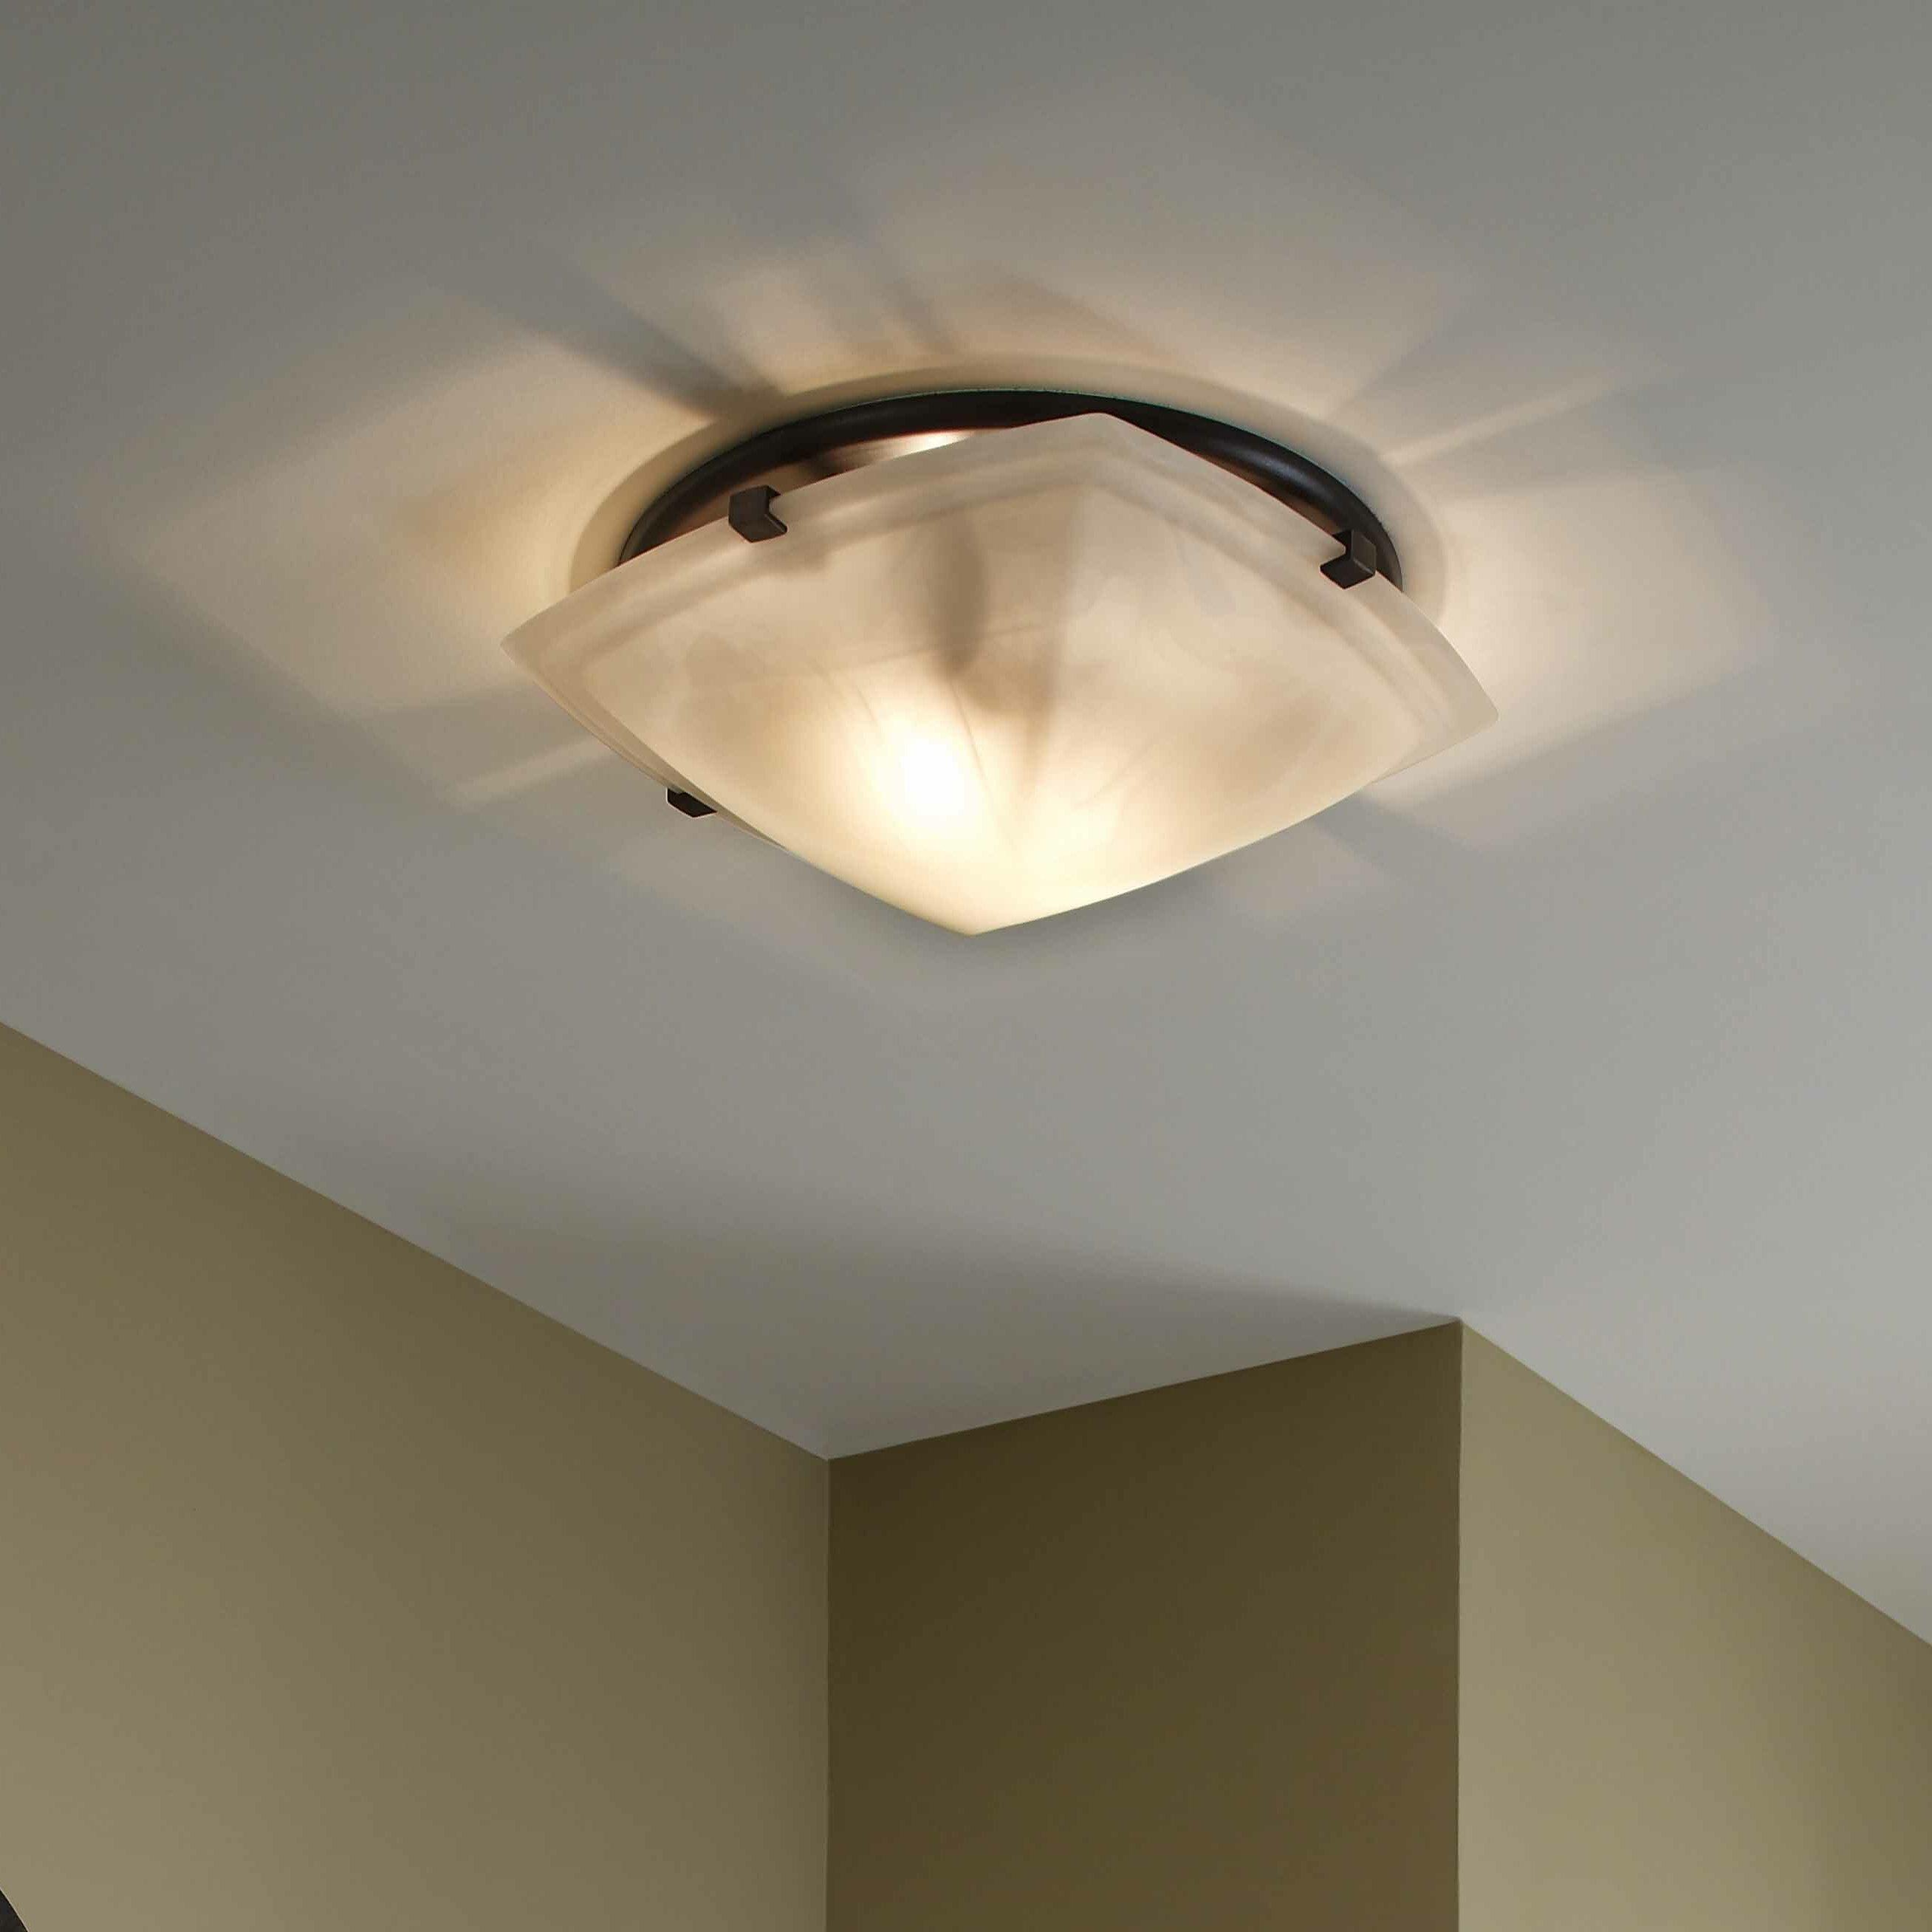 broan 80 cfm bathroom fan with light. Broan Bathroom Fan  Broan Bathroom Fans A Fully Functional